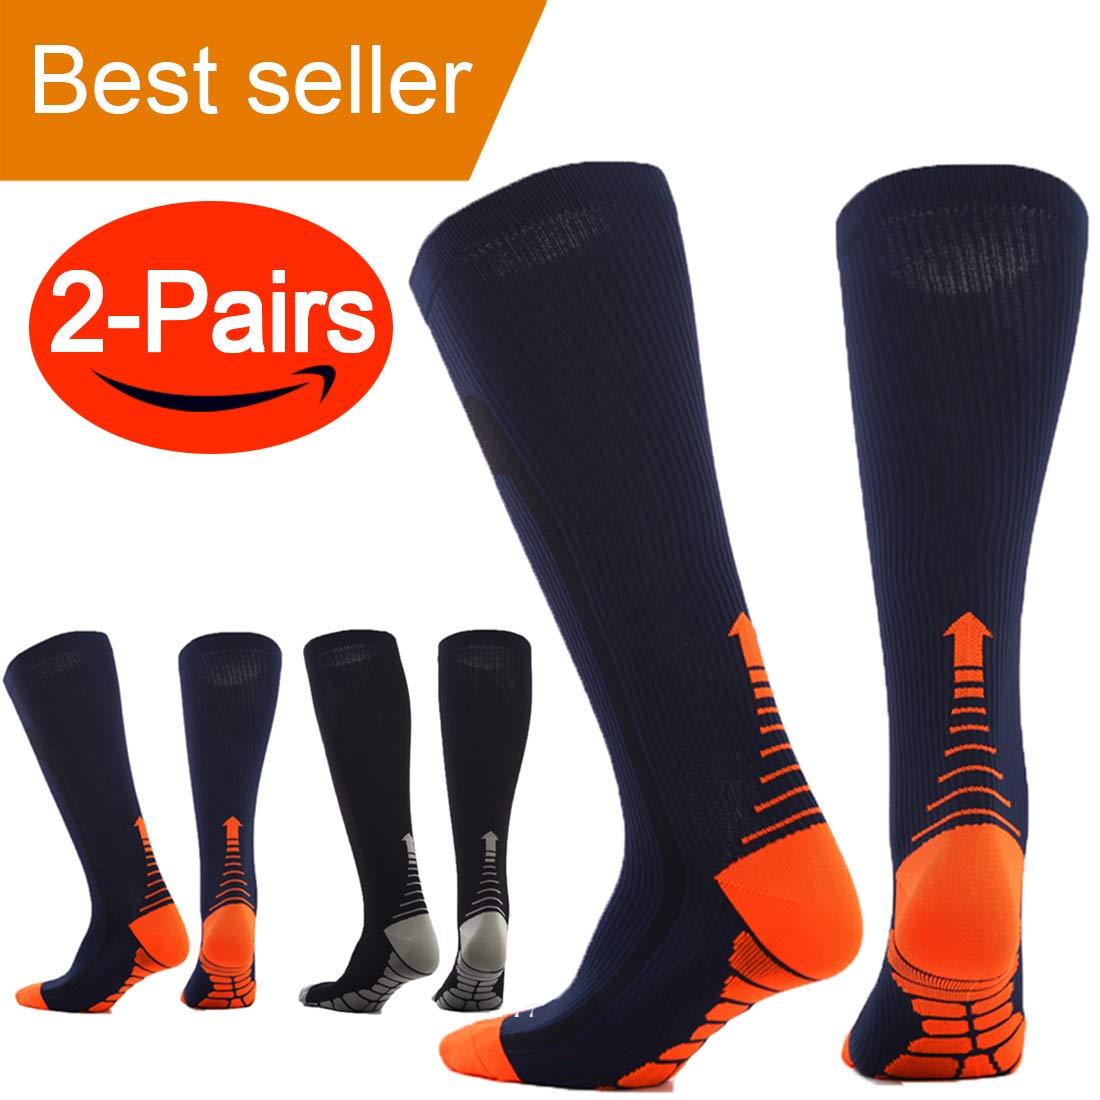 Compression Socks (Pair of 2) for Men Women Running Socks,Sport Socks for Running, Nurses,Shin Splints,Flight Travel, Pregnancy.Boost Stamina, (L/XL (8-15.5/8-14) by ANGELGG